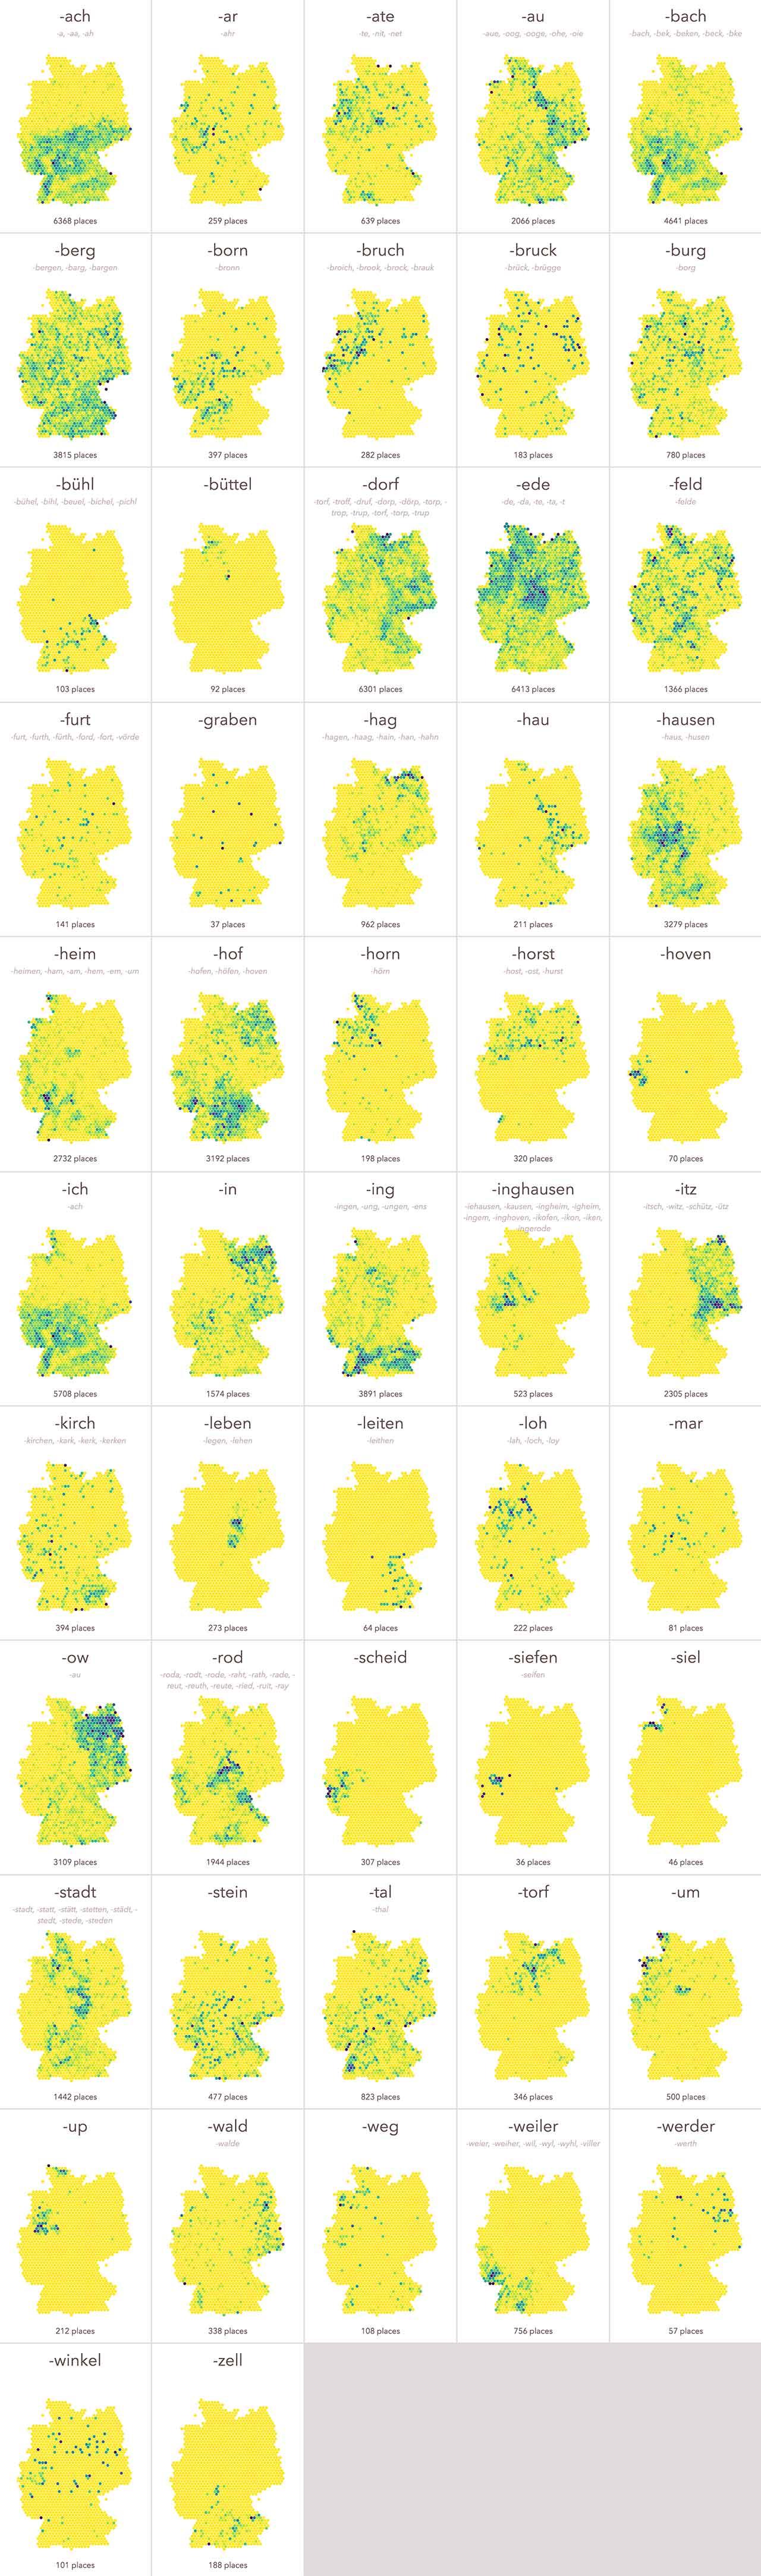 Die Endungen von Städtenamen in Deutschland